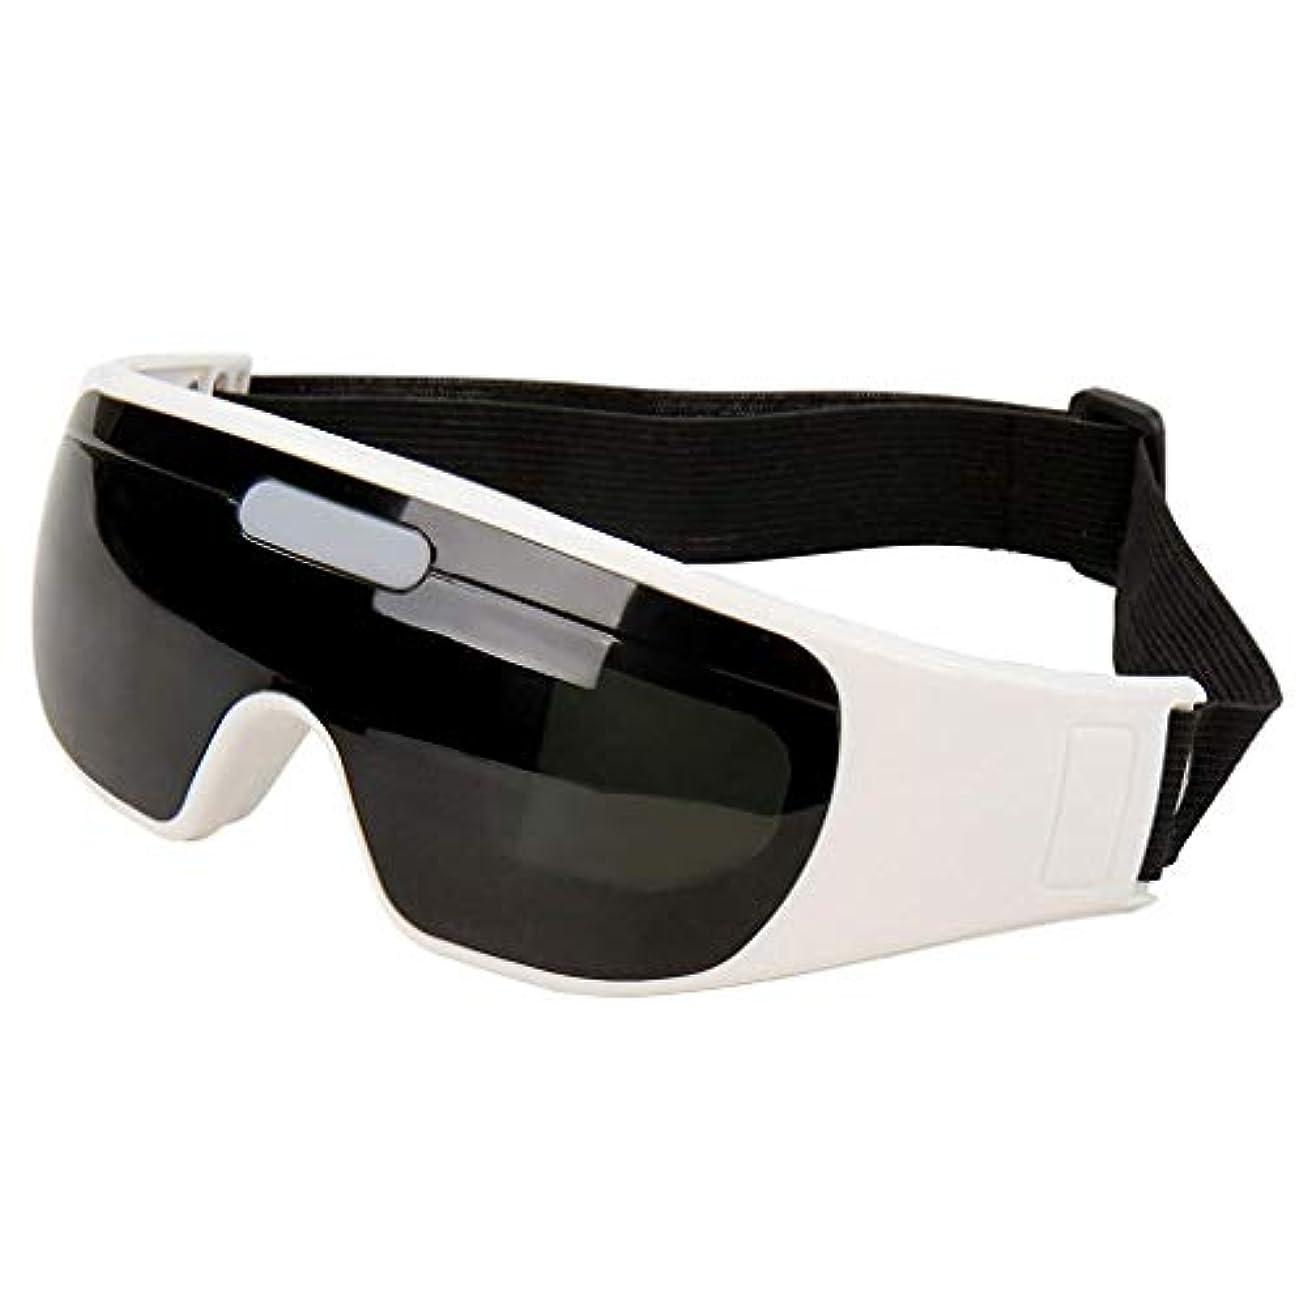 赤外線資金計算可能アイマッサージメガネ、24ソフトマッサージセンサーメガネ、磁気療法アイマッサージャー、9モード電動アイマッサージャー健康、リラクゼーション、鍼